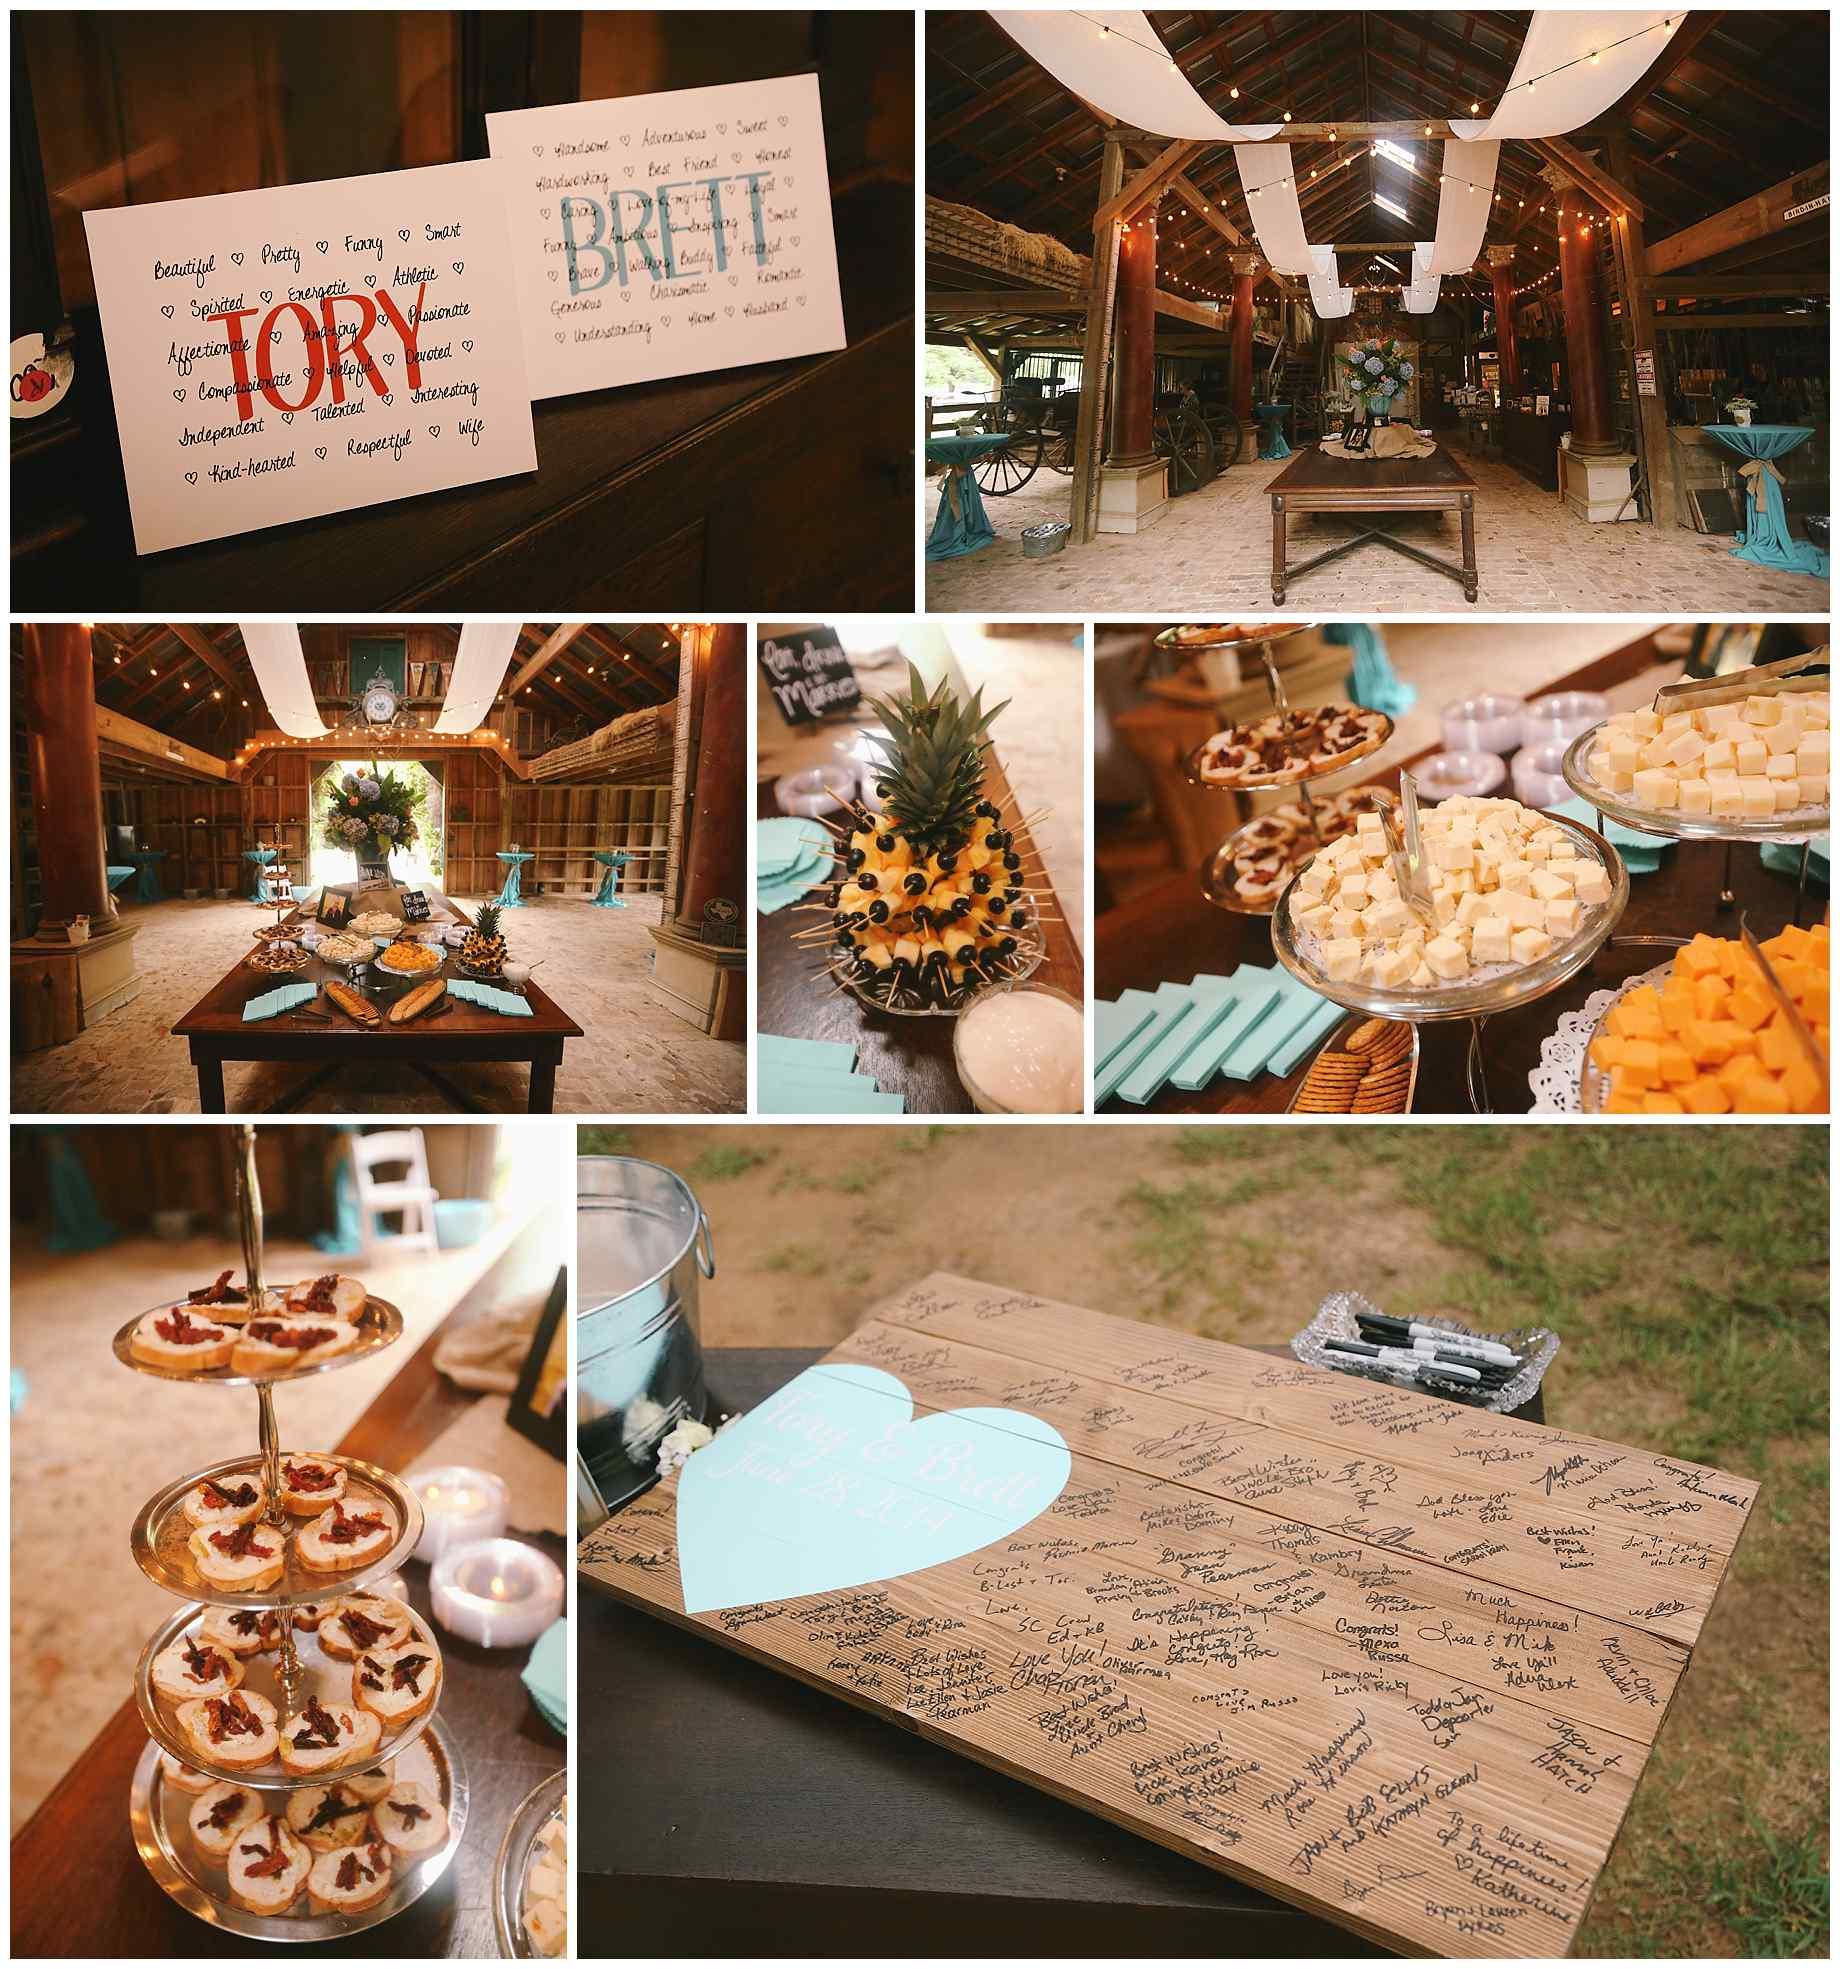 teaberry-farm-wedding-photos-08